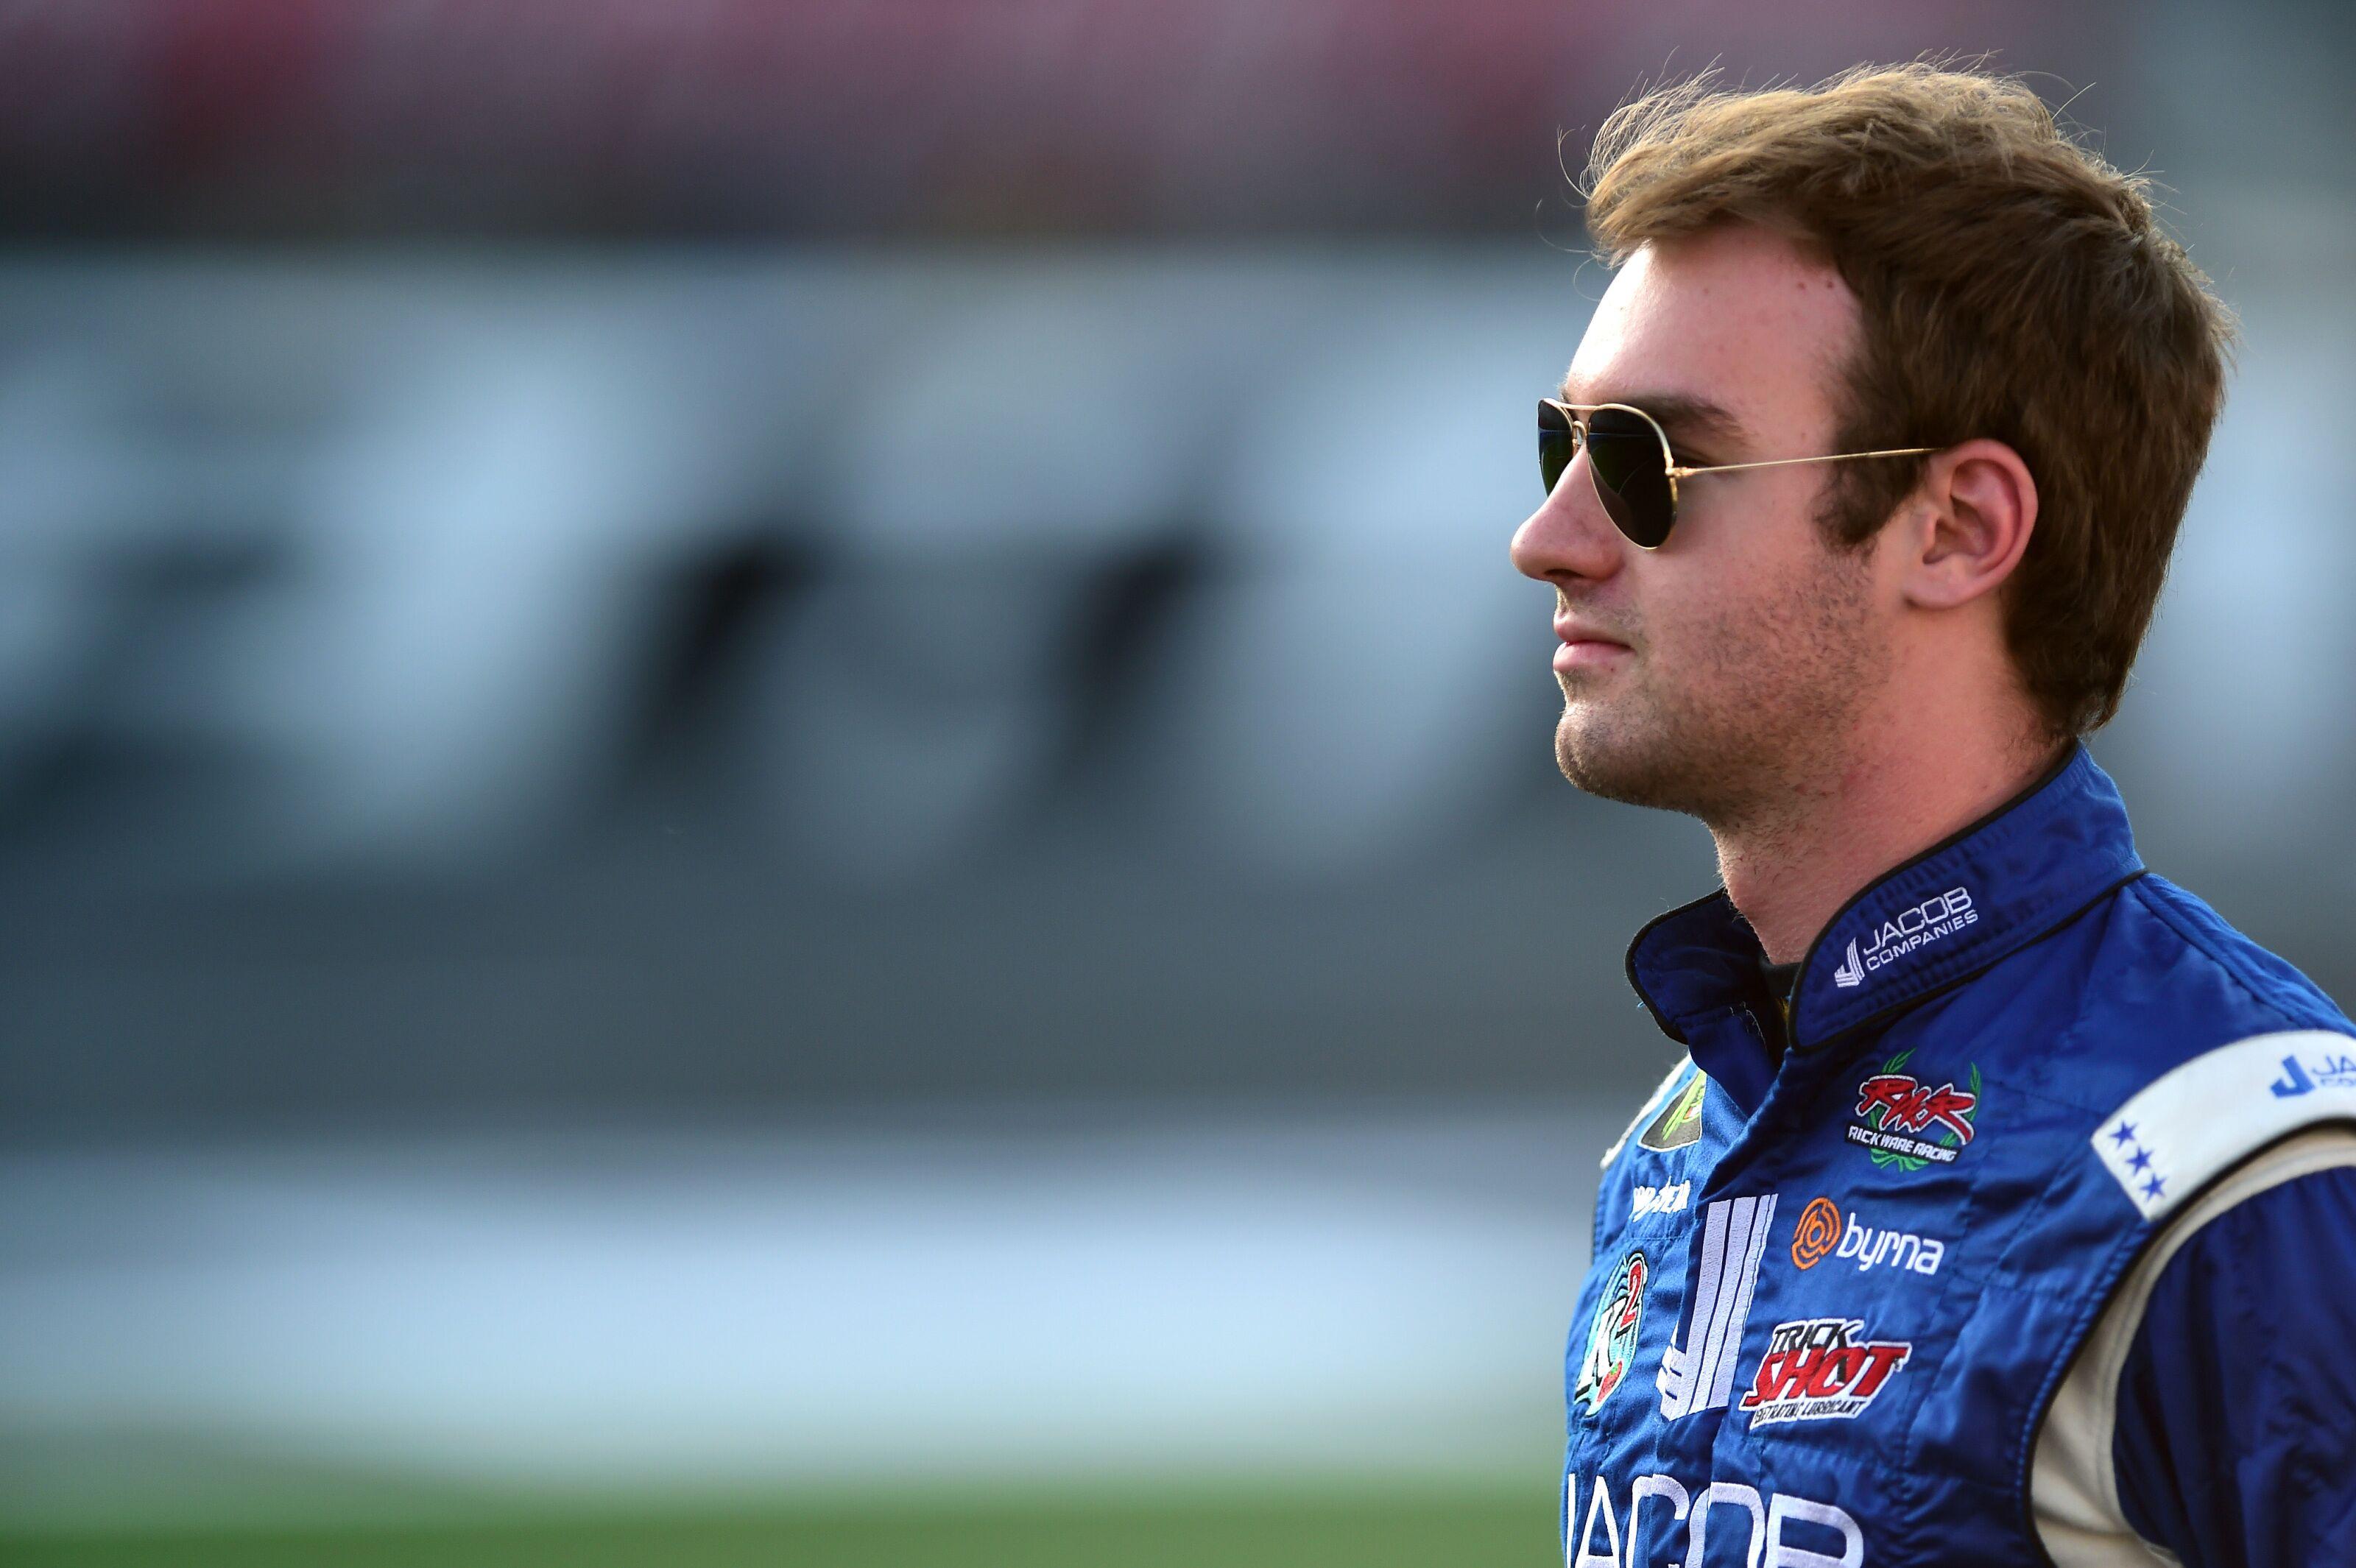 NASCAR fans send Cody Ware death threats, encourage suicide for no reason